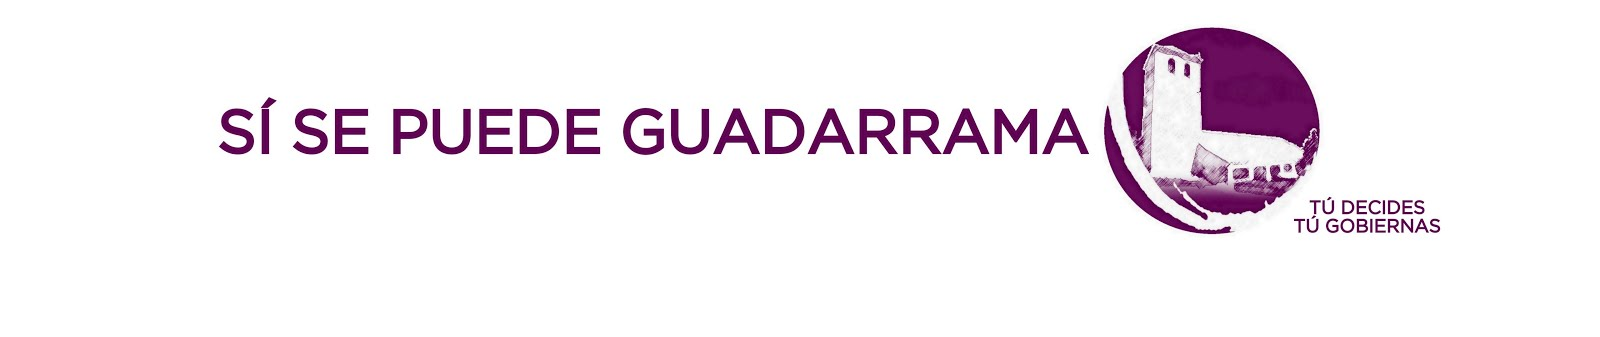 SÍ SE PUEDE GUADARRAMA